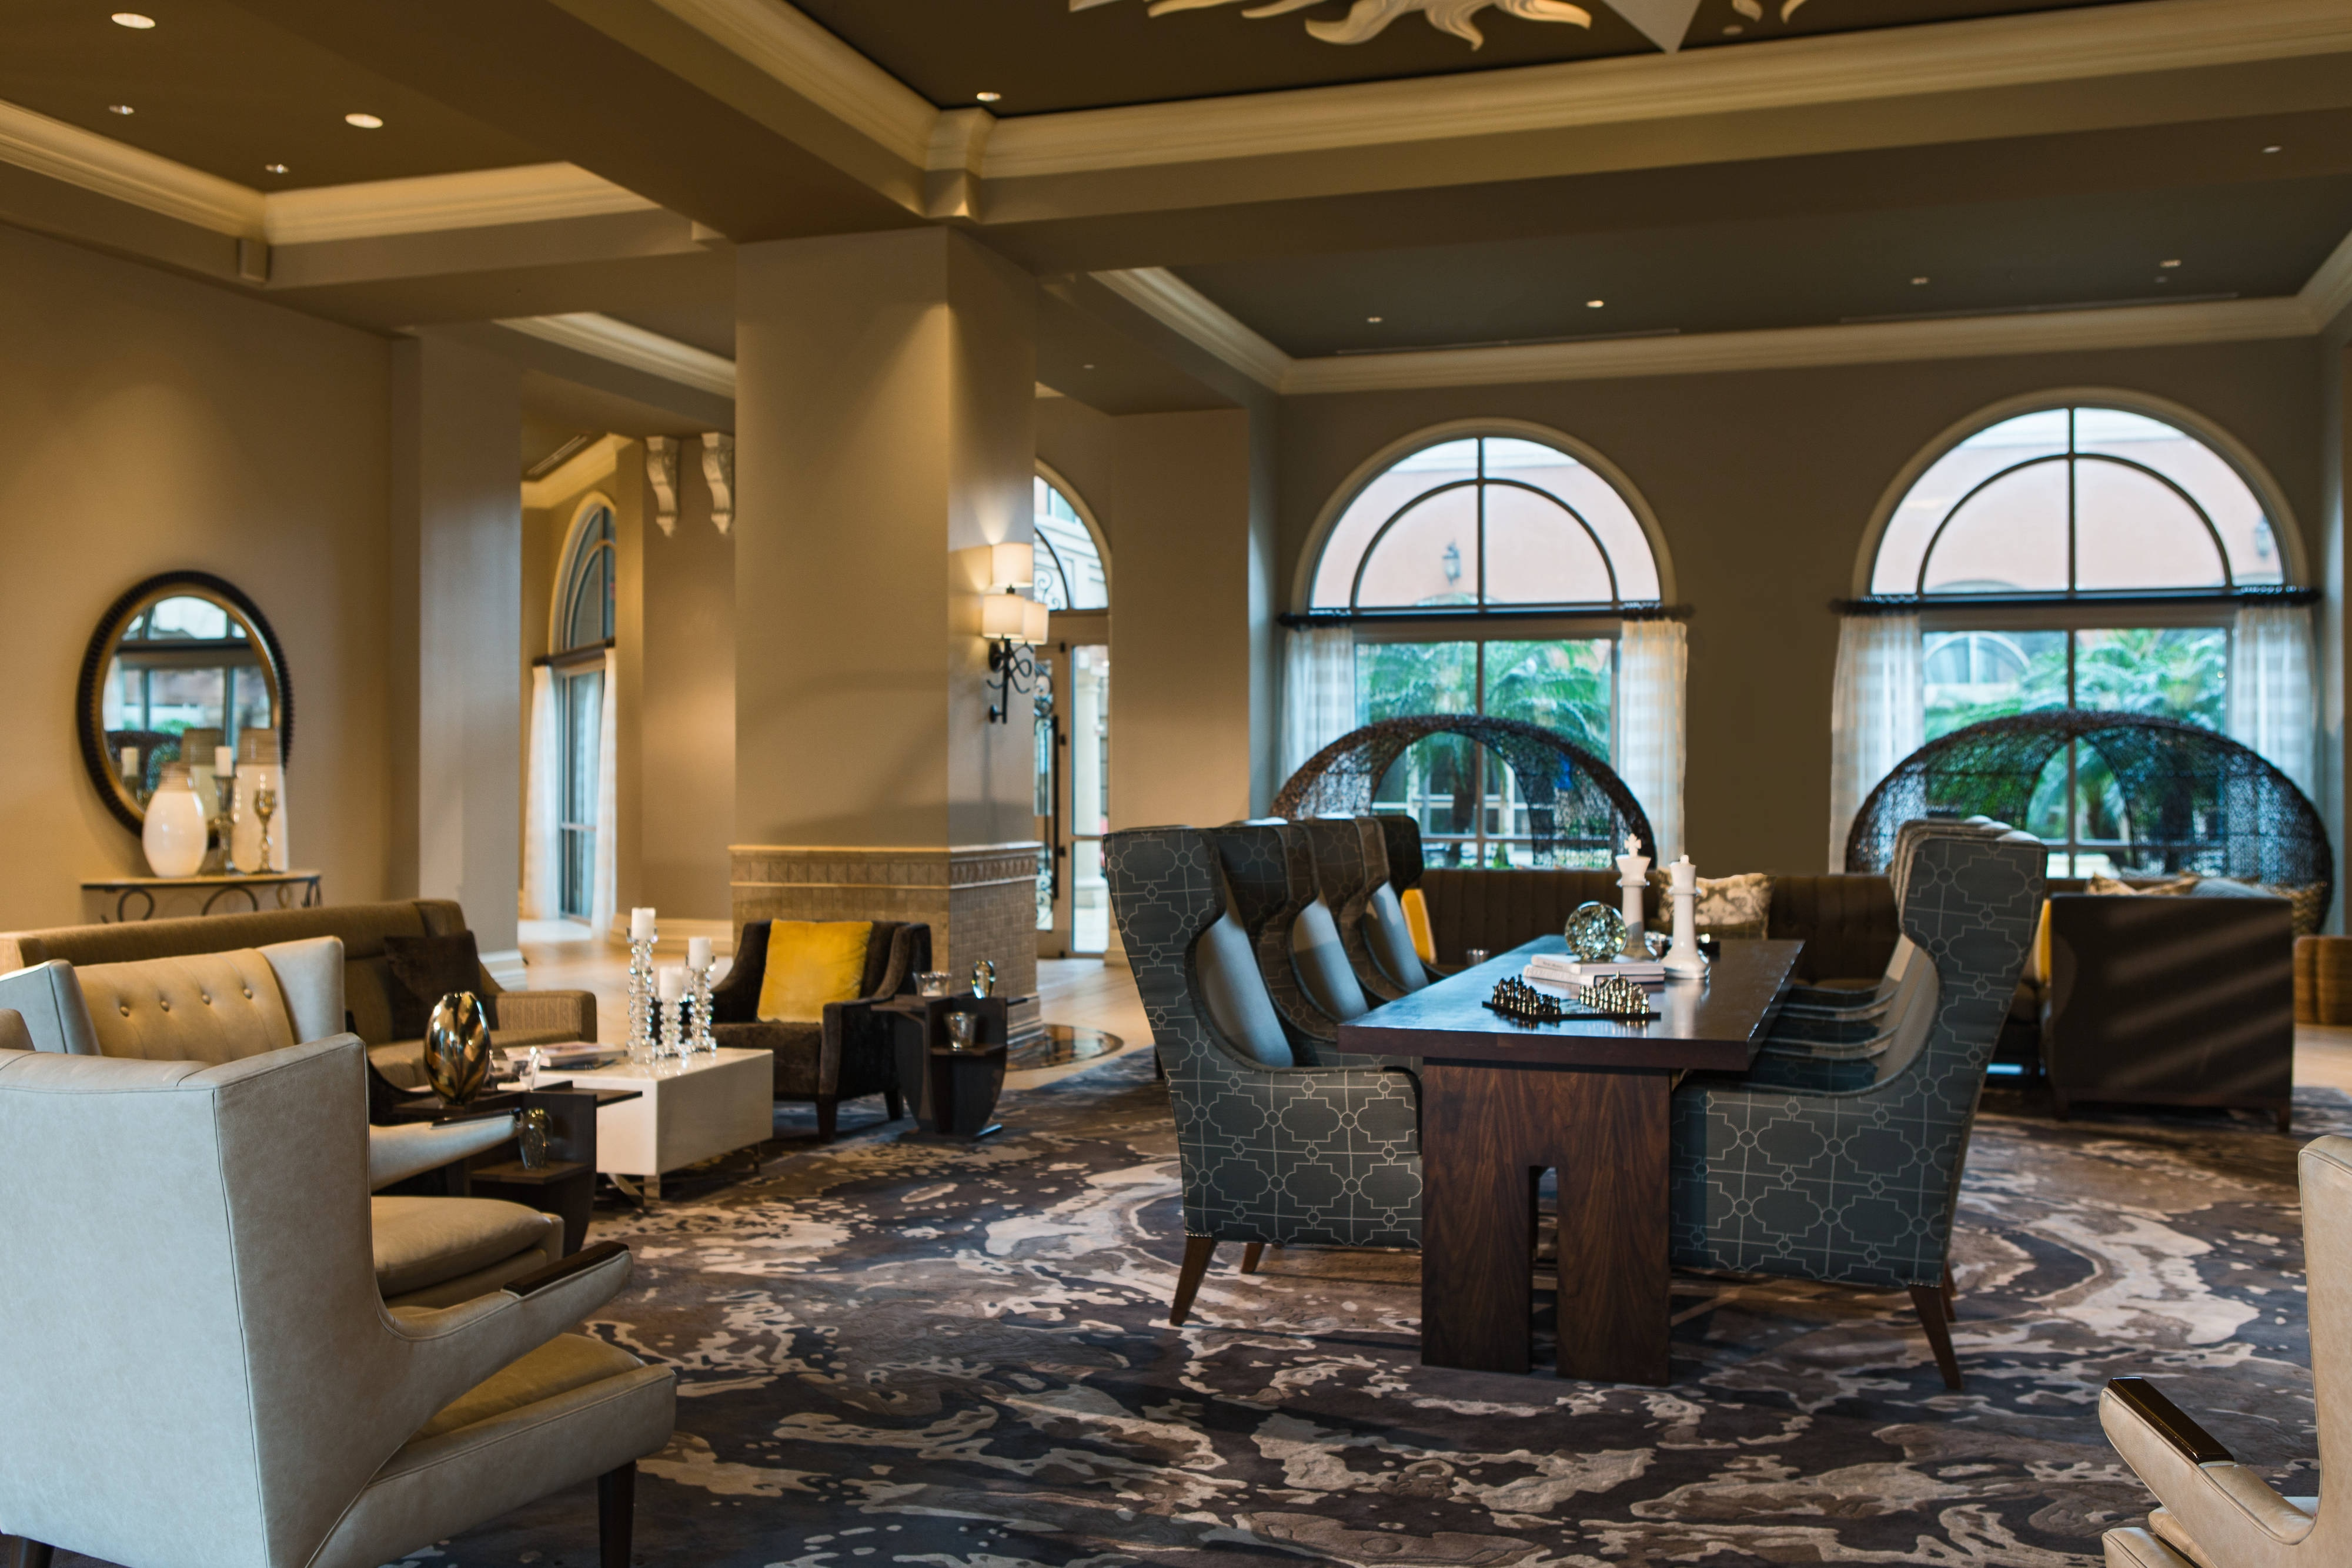 International Plaza hotel Lobby